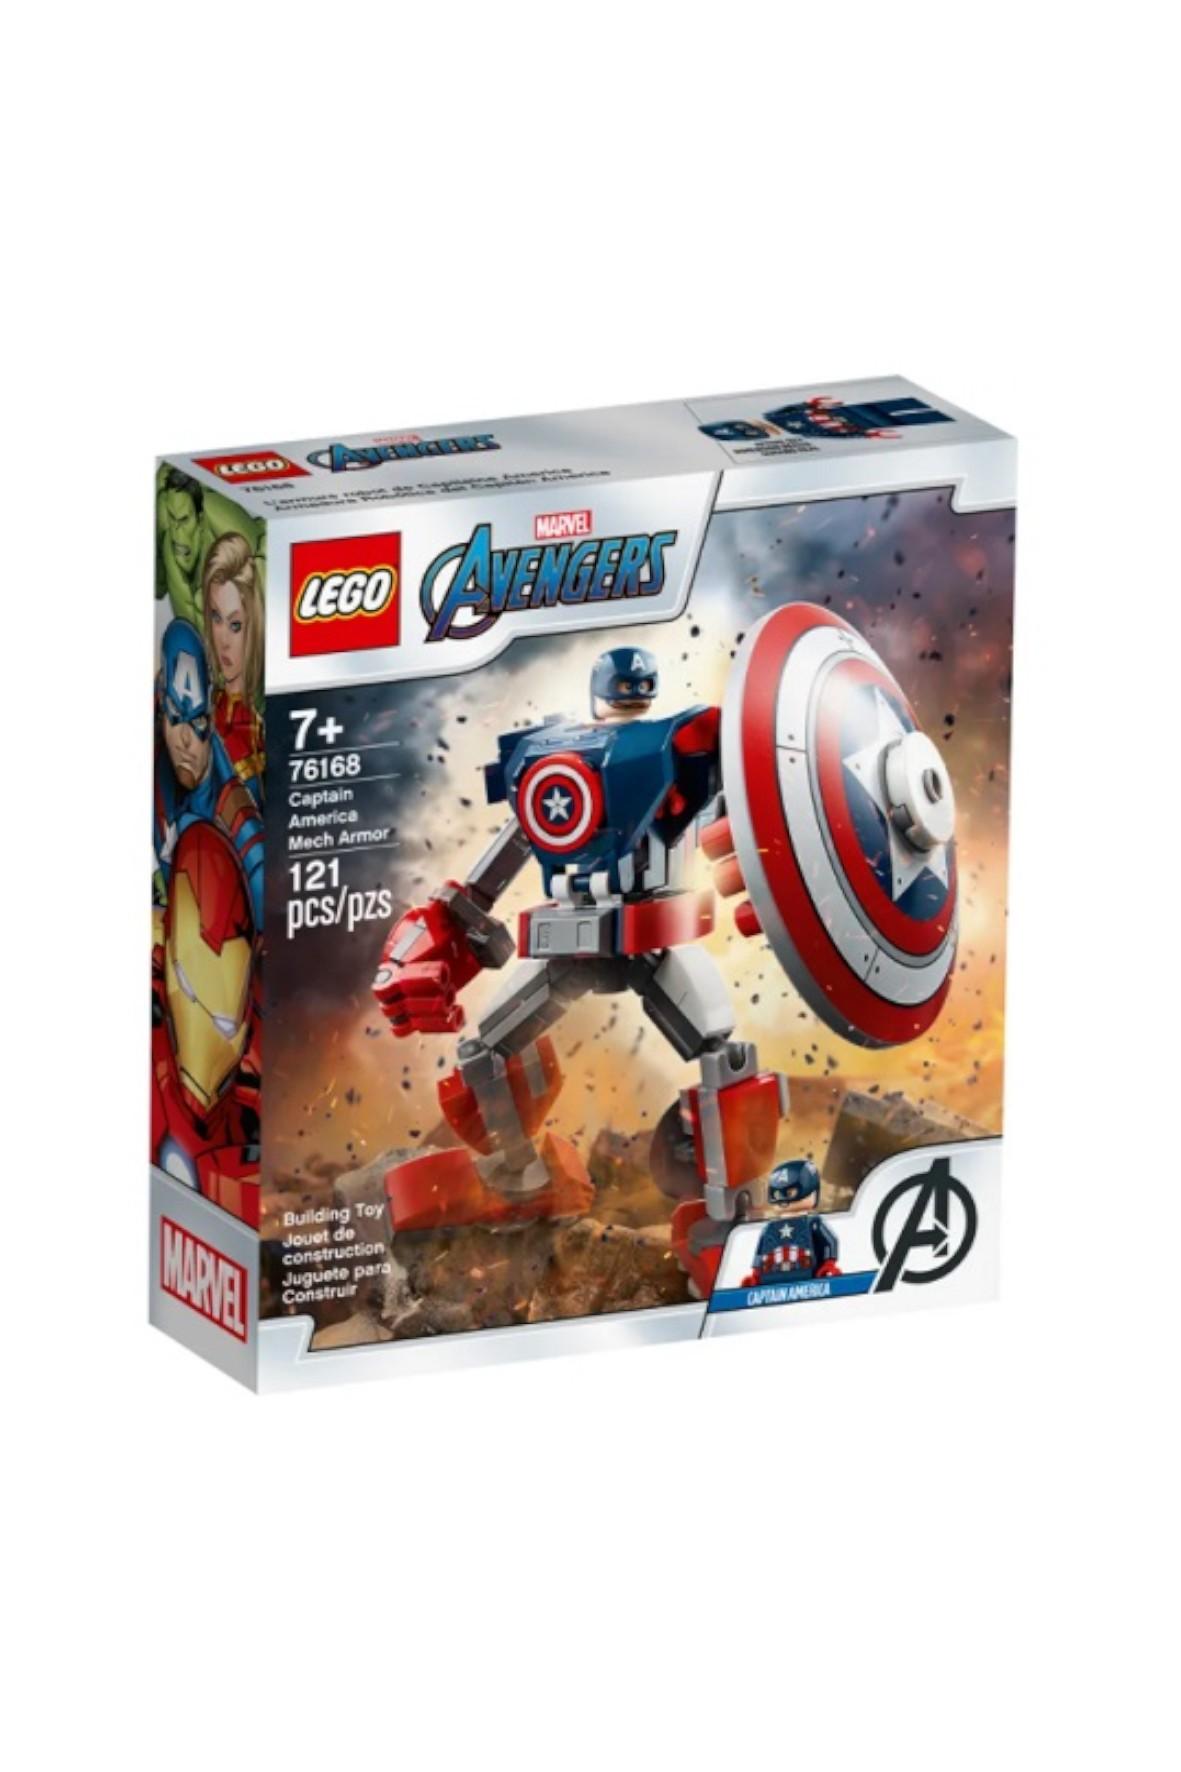 LEGO Super Heroes - Opancerzony mech Kapitana Ameryki - 121 elementów